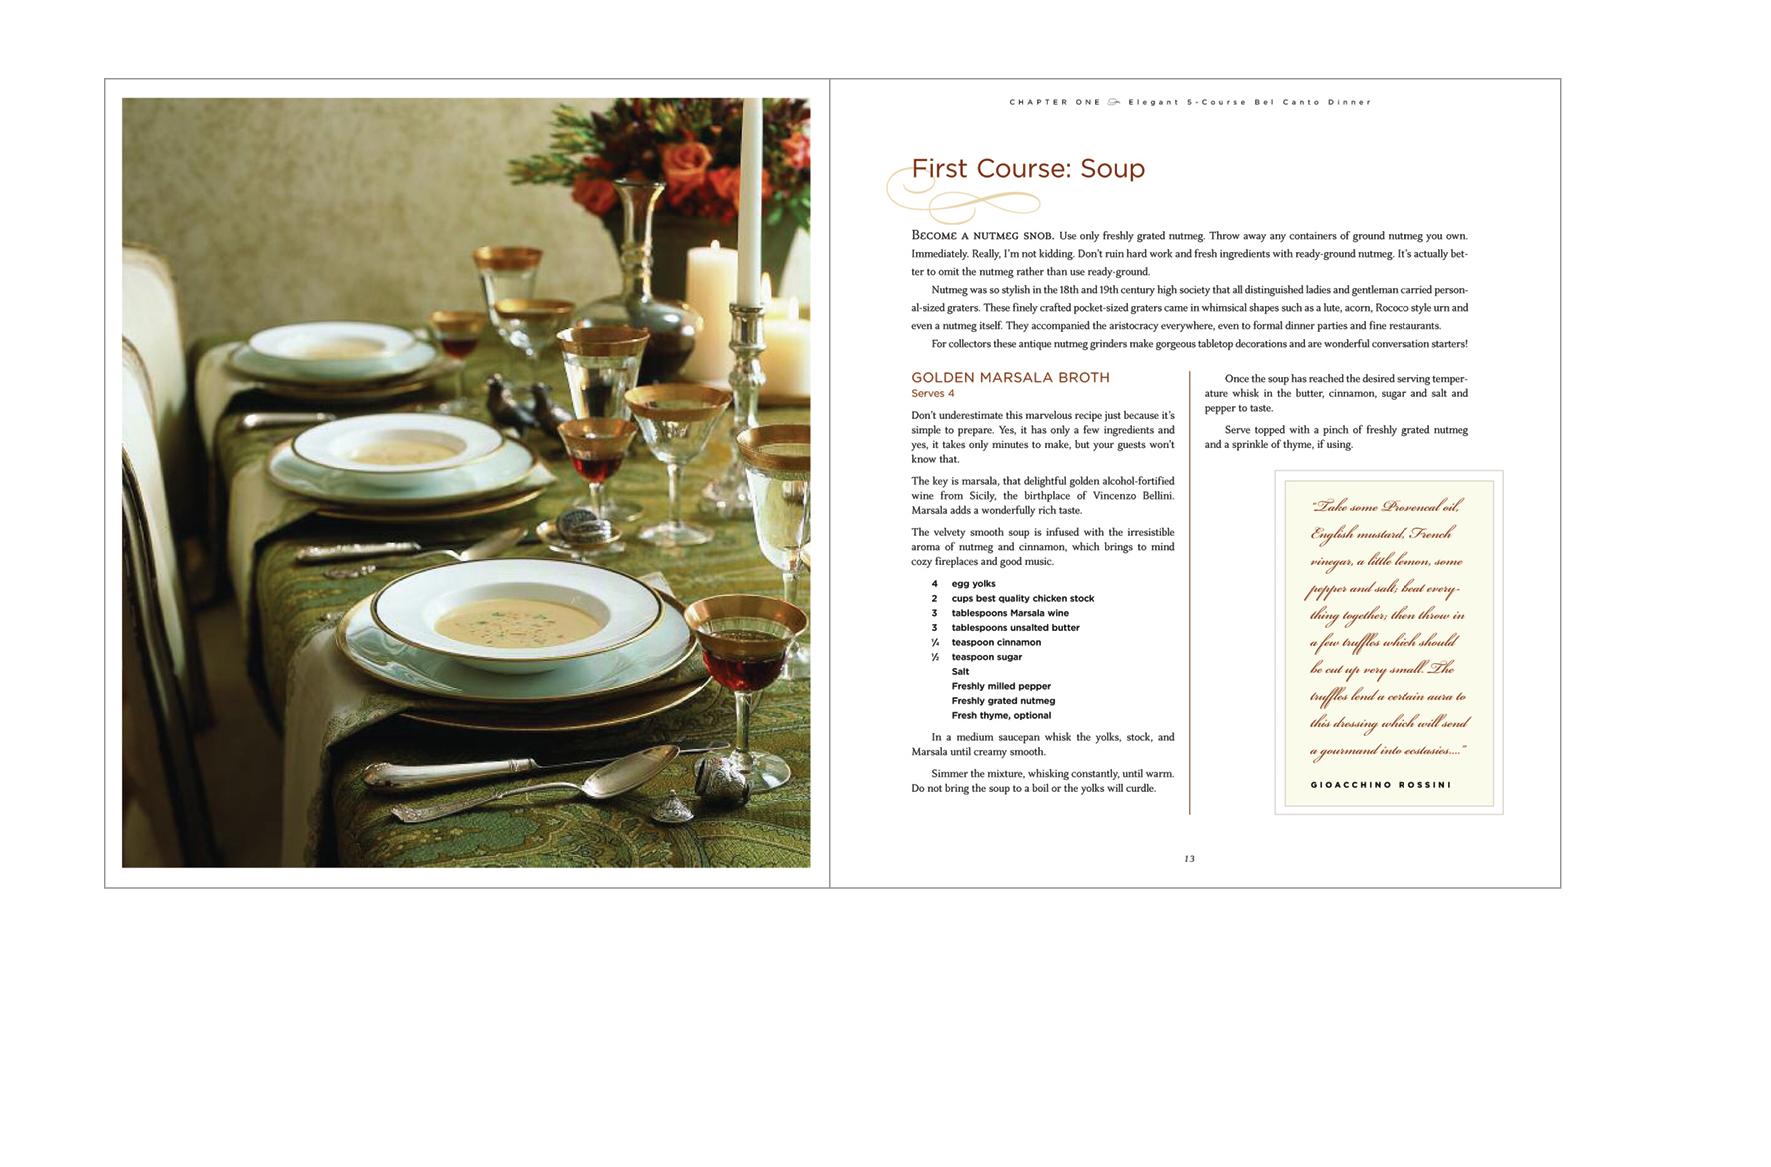 Recipe spread -  Formal photo, recipe and composer quote